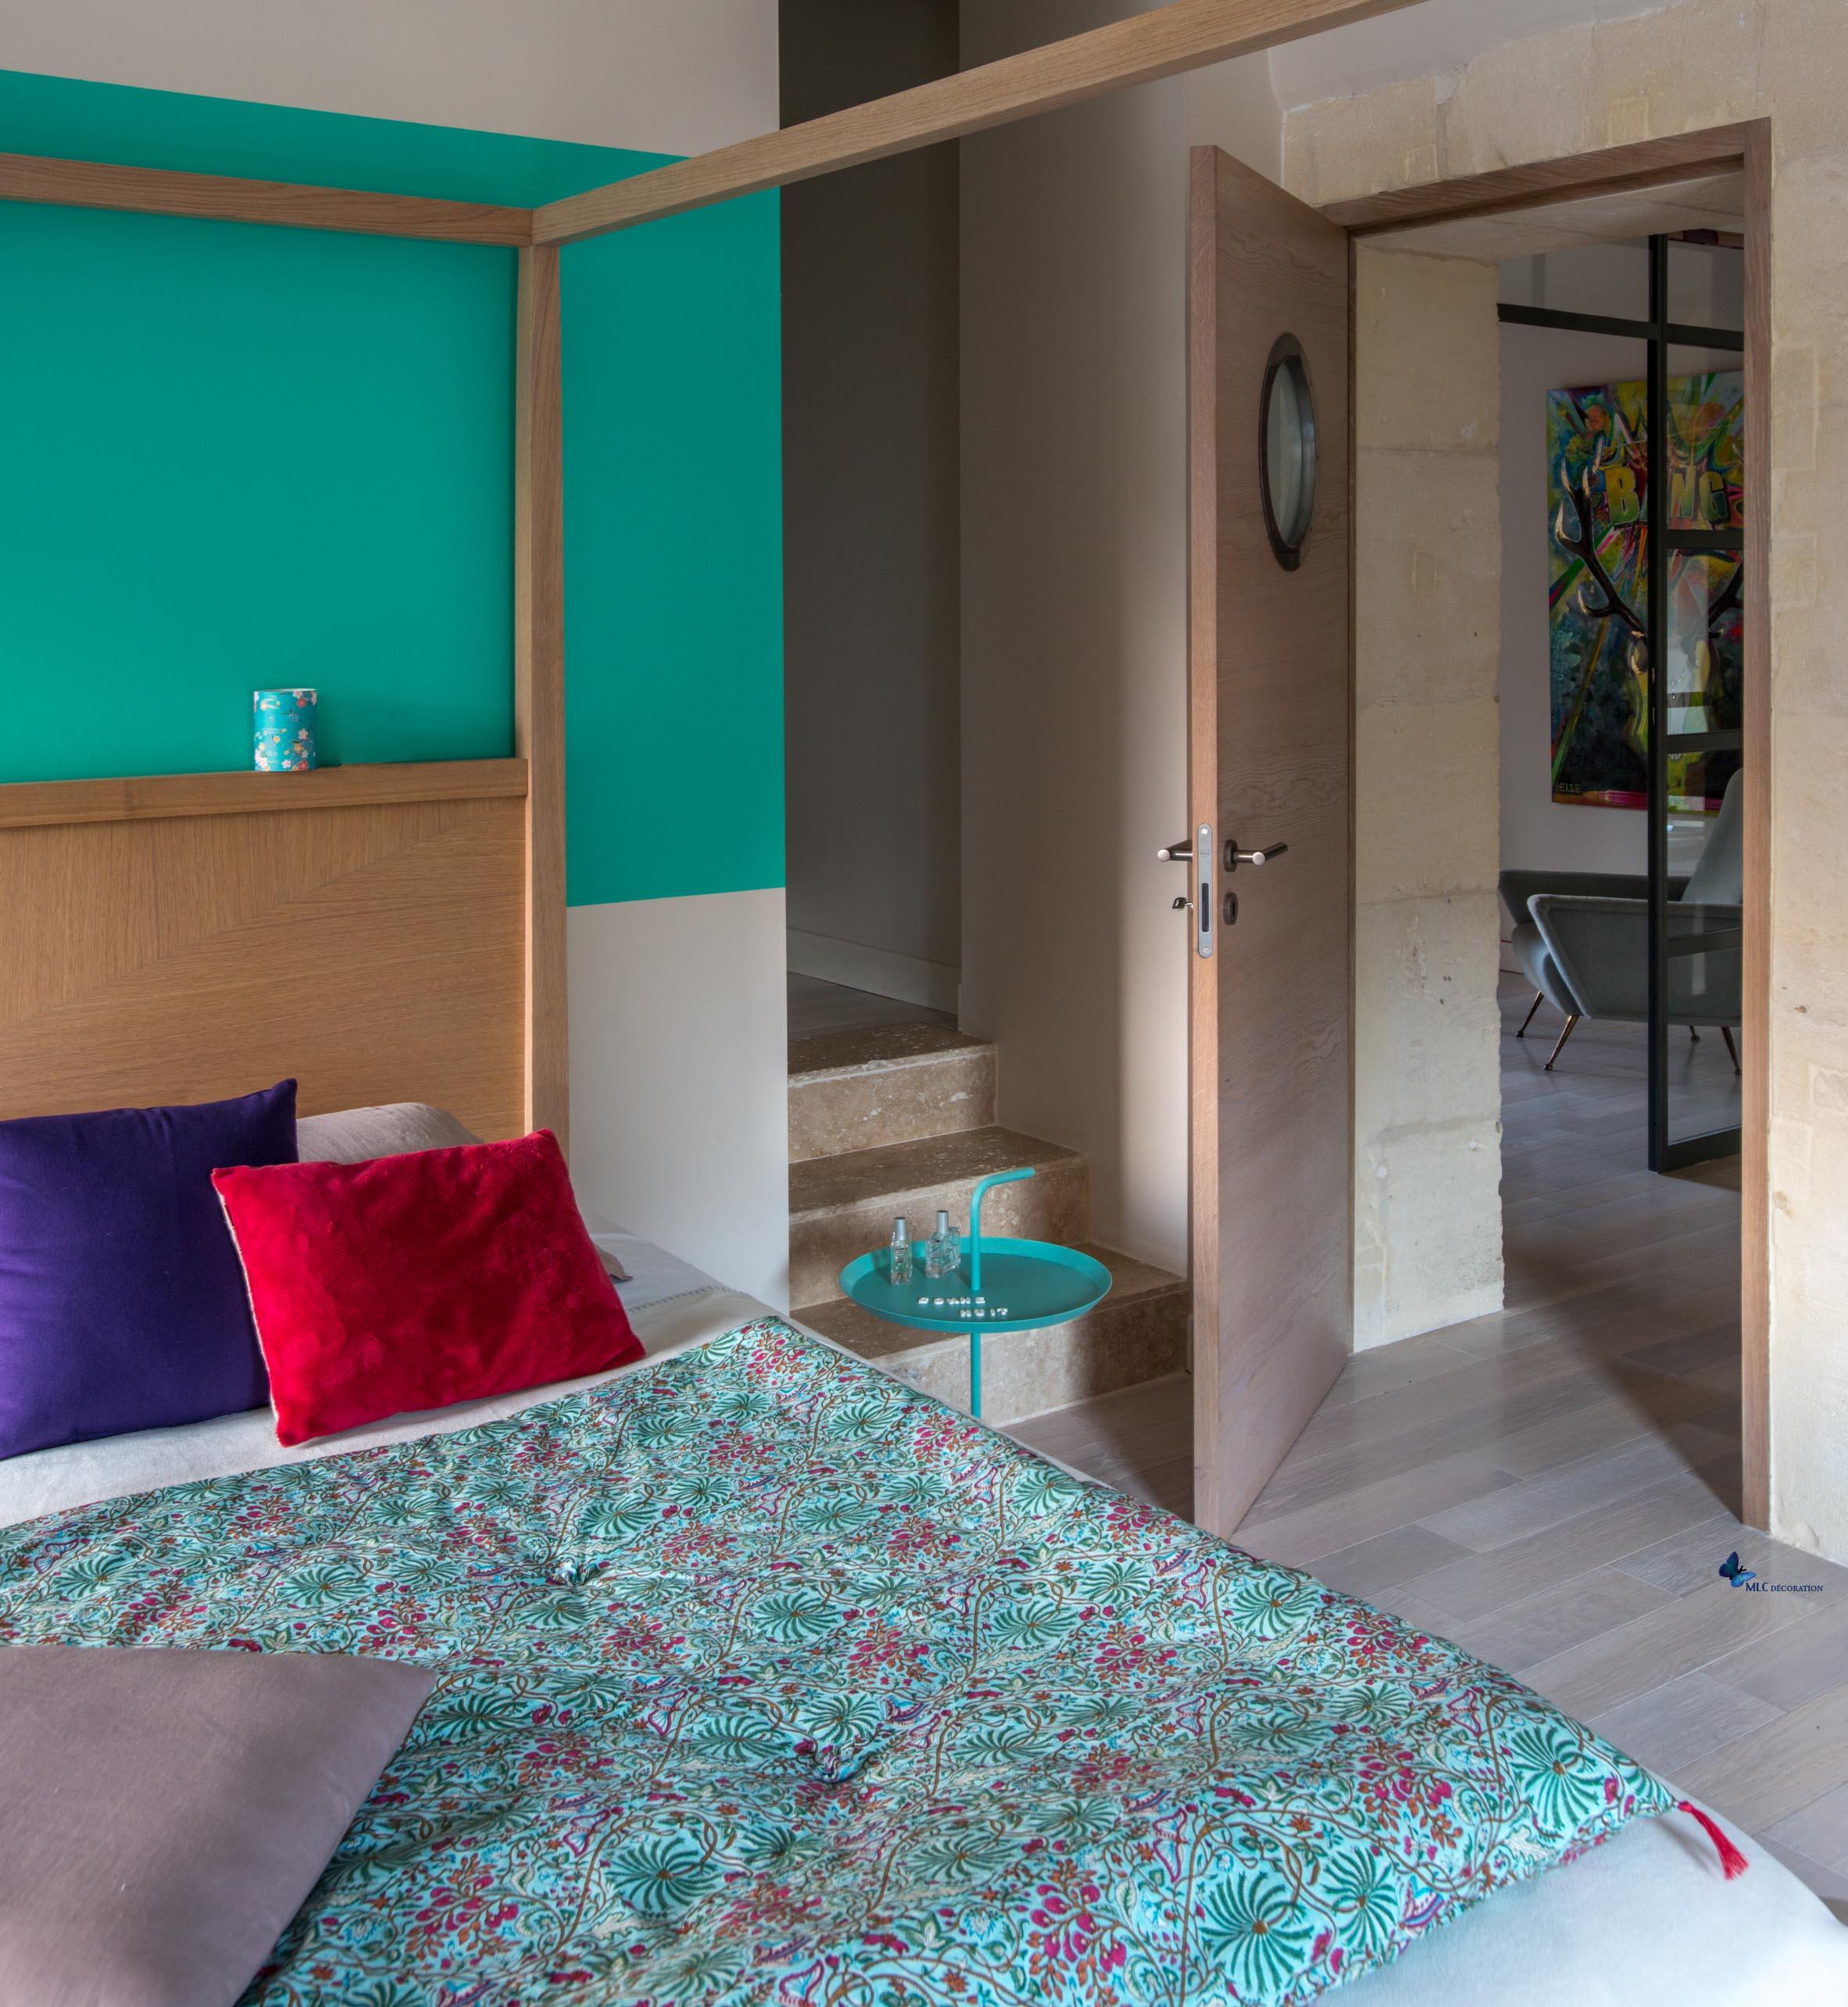 boutique caravane le blog d co de mlc. Black Bedroom Furniture Sets. Home Design Ideas